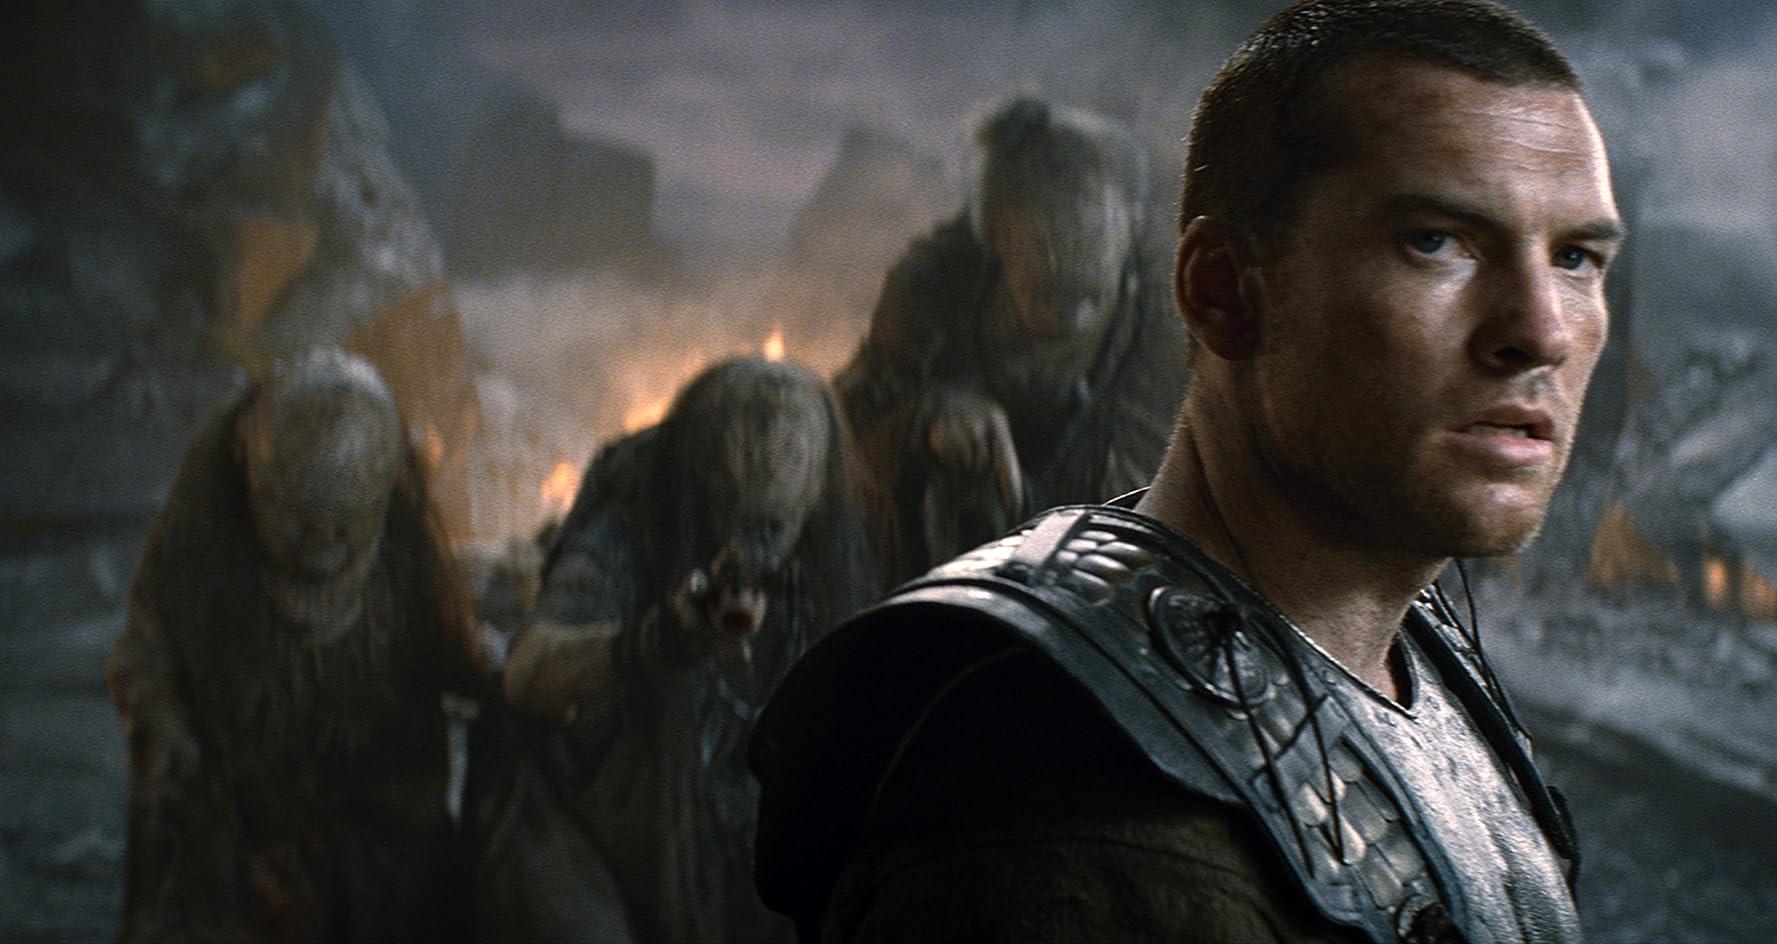 Sam Worthington in Clash of the Titans (2010)